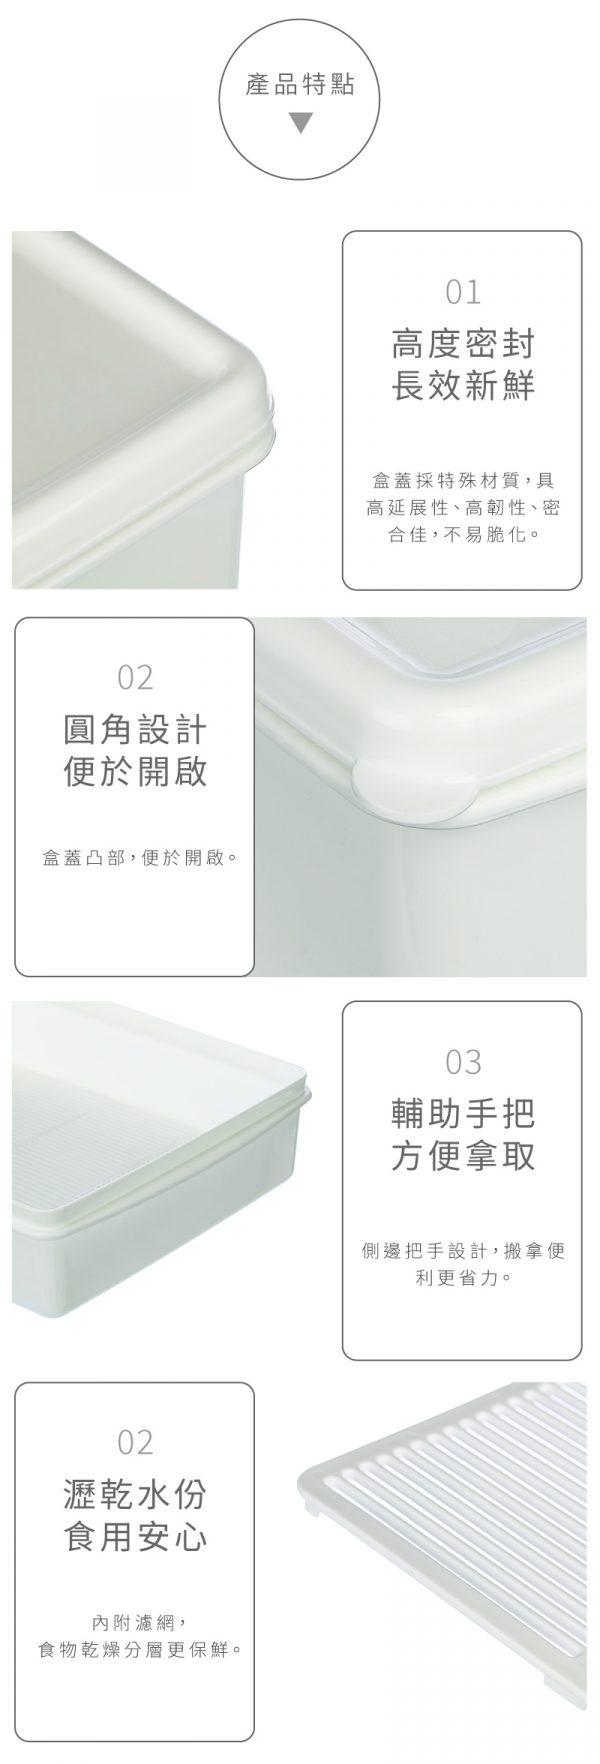 KEYWAY-KF065.105-長圖說明-02